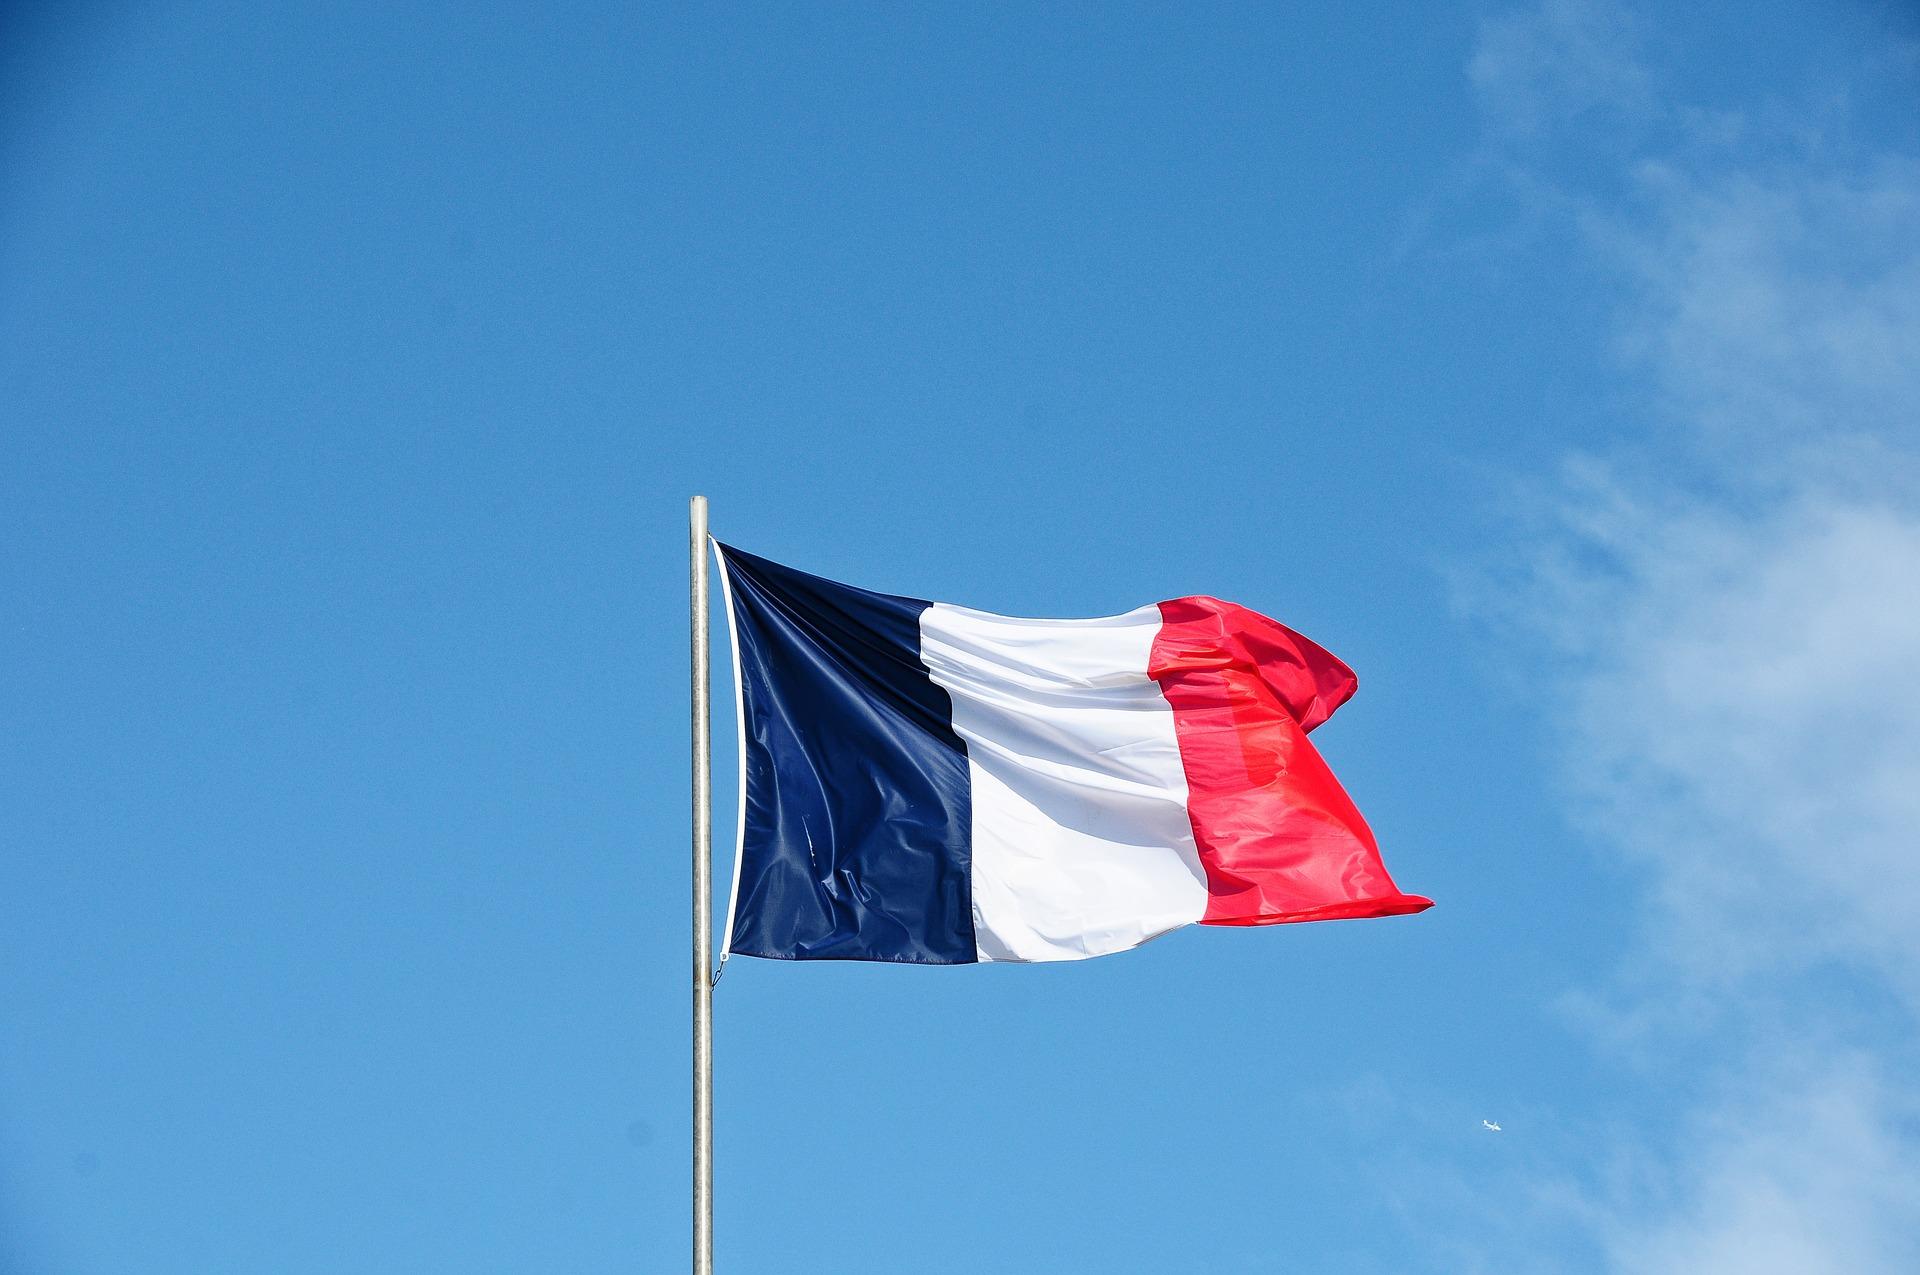 flag-3283466_1920